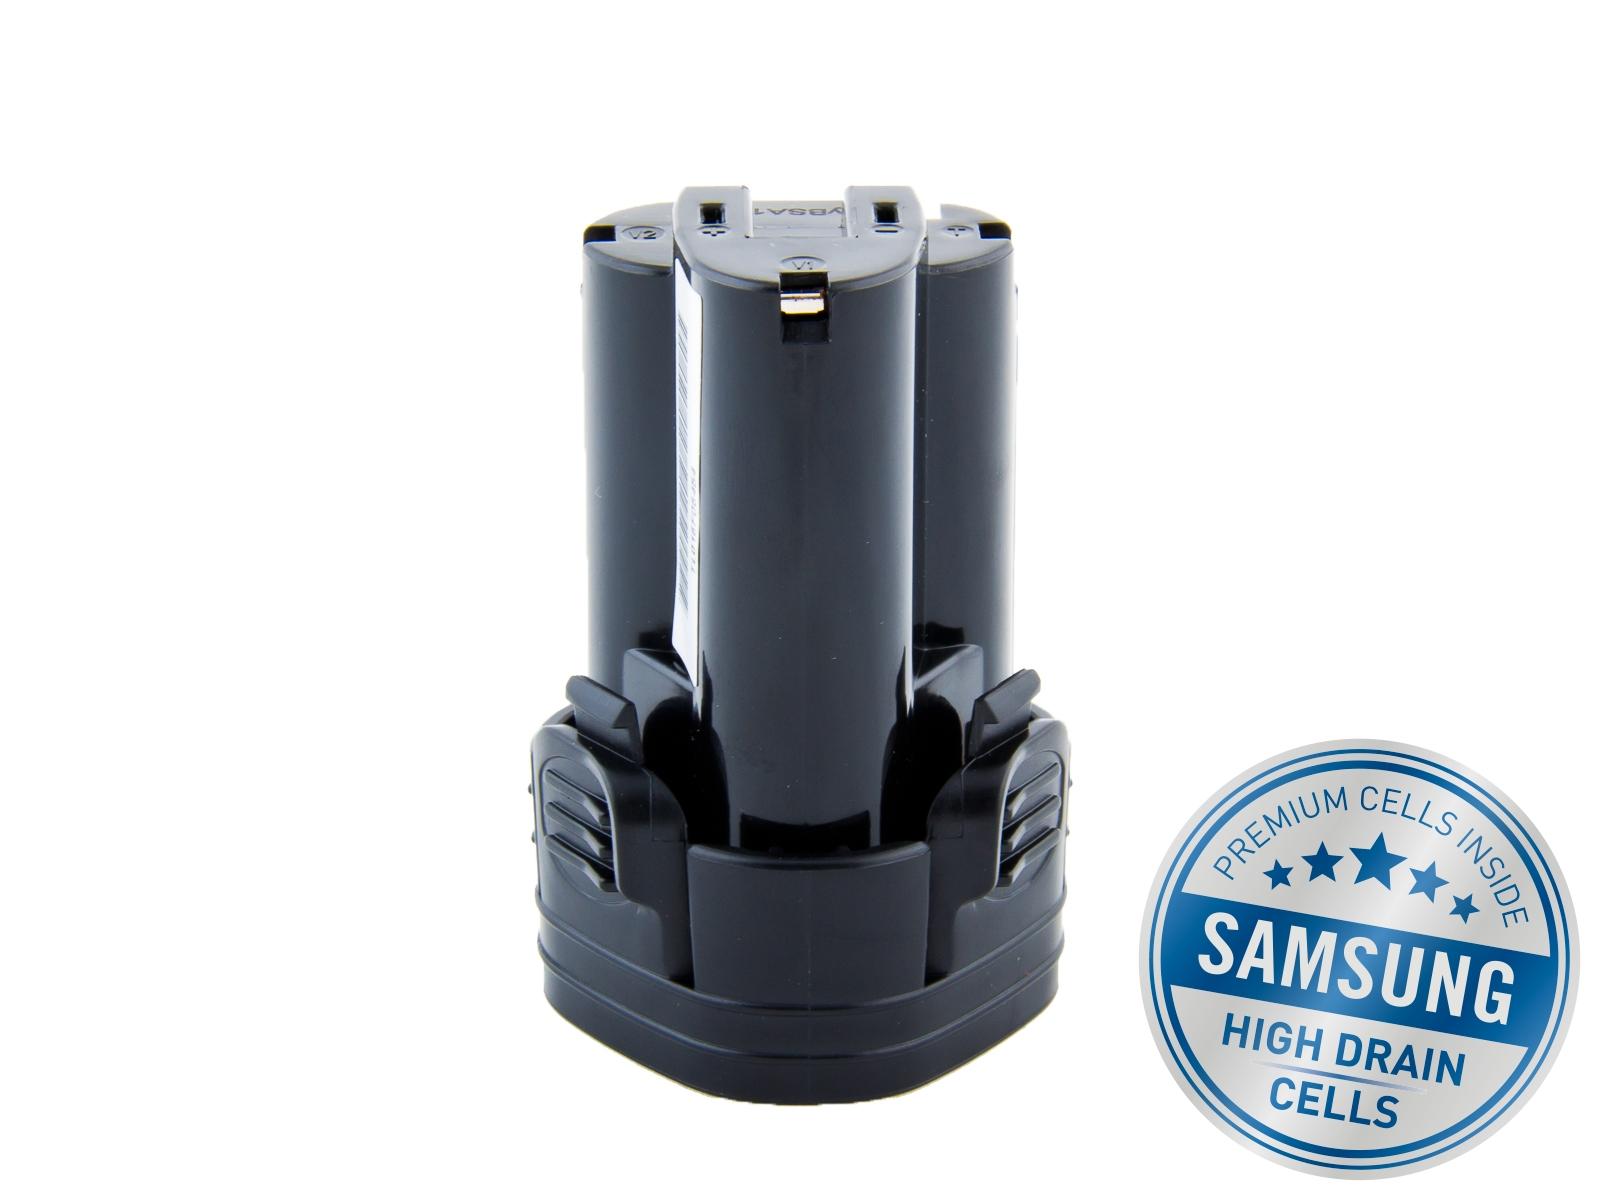 Baterie AVACOM MAKITA BL 1013 Li-Ion 10,8V 2000mAh, články SAMSUNG